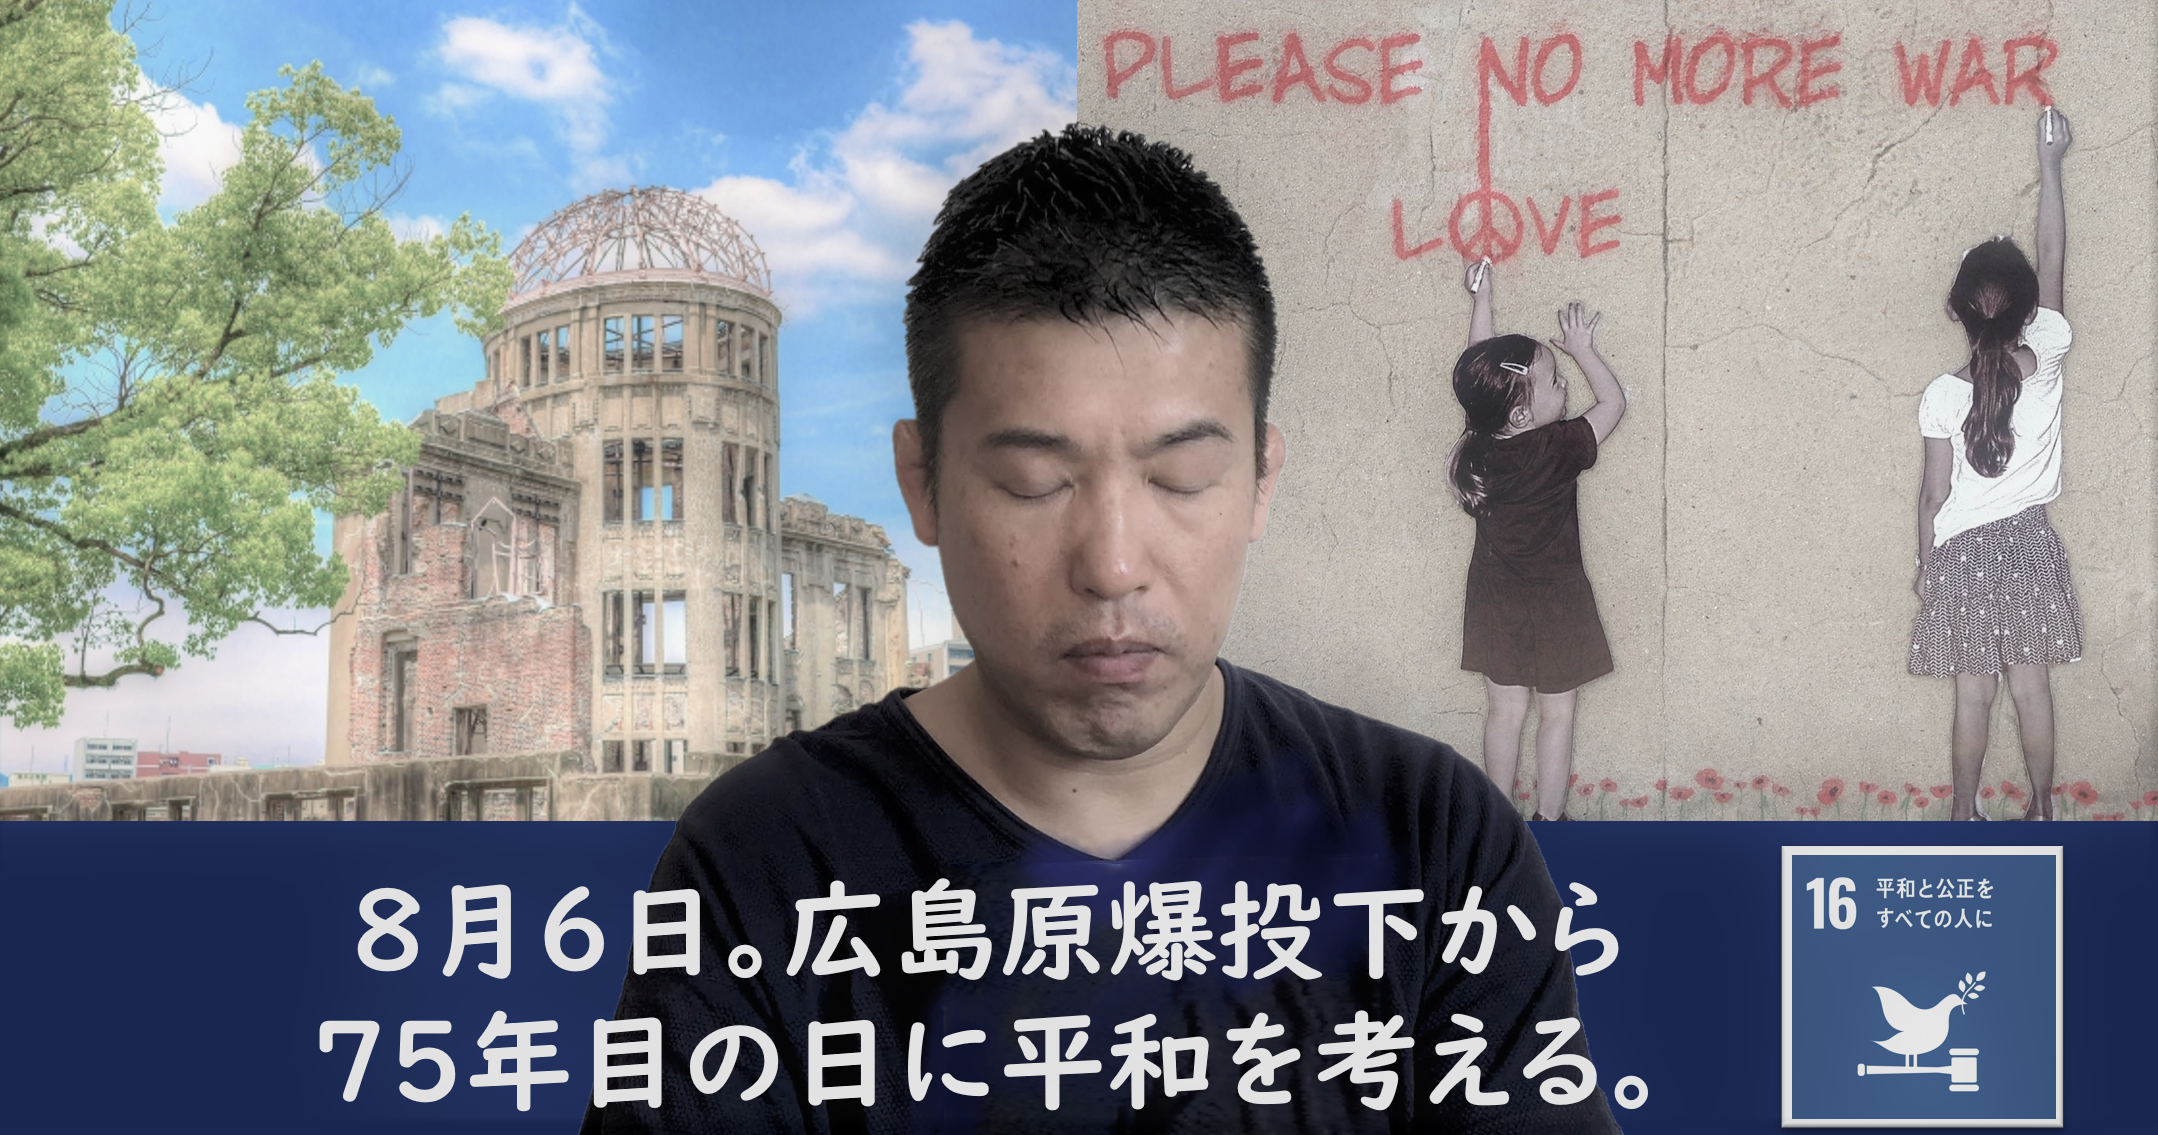 原爆と戦争と平和とSDGsについてのブログ